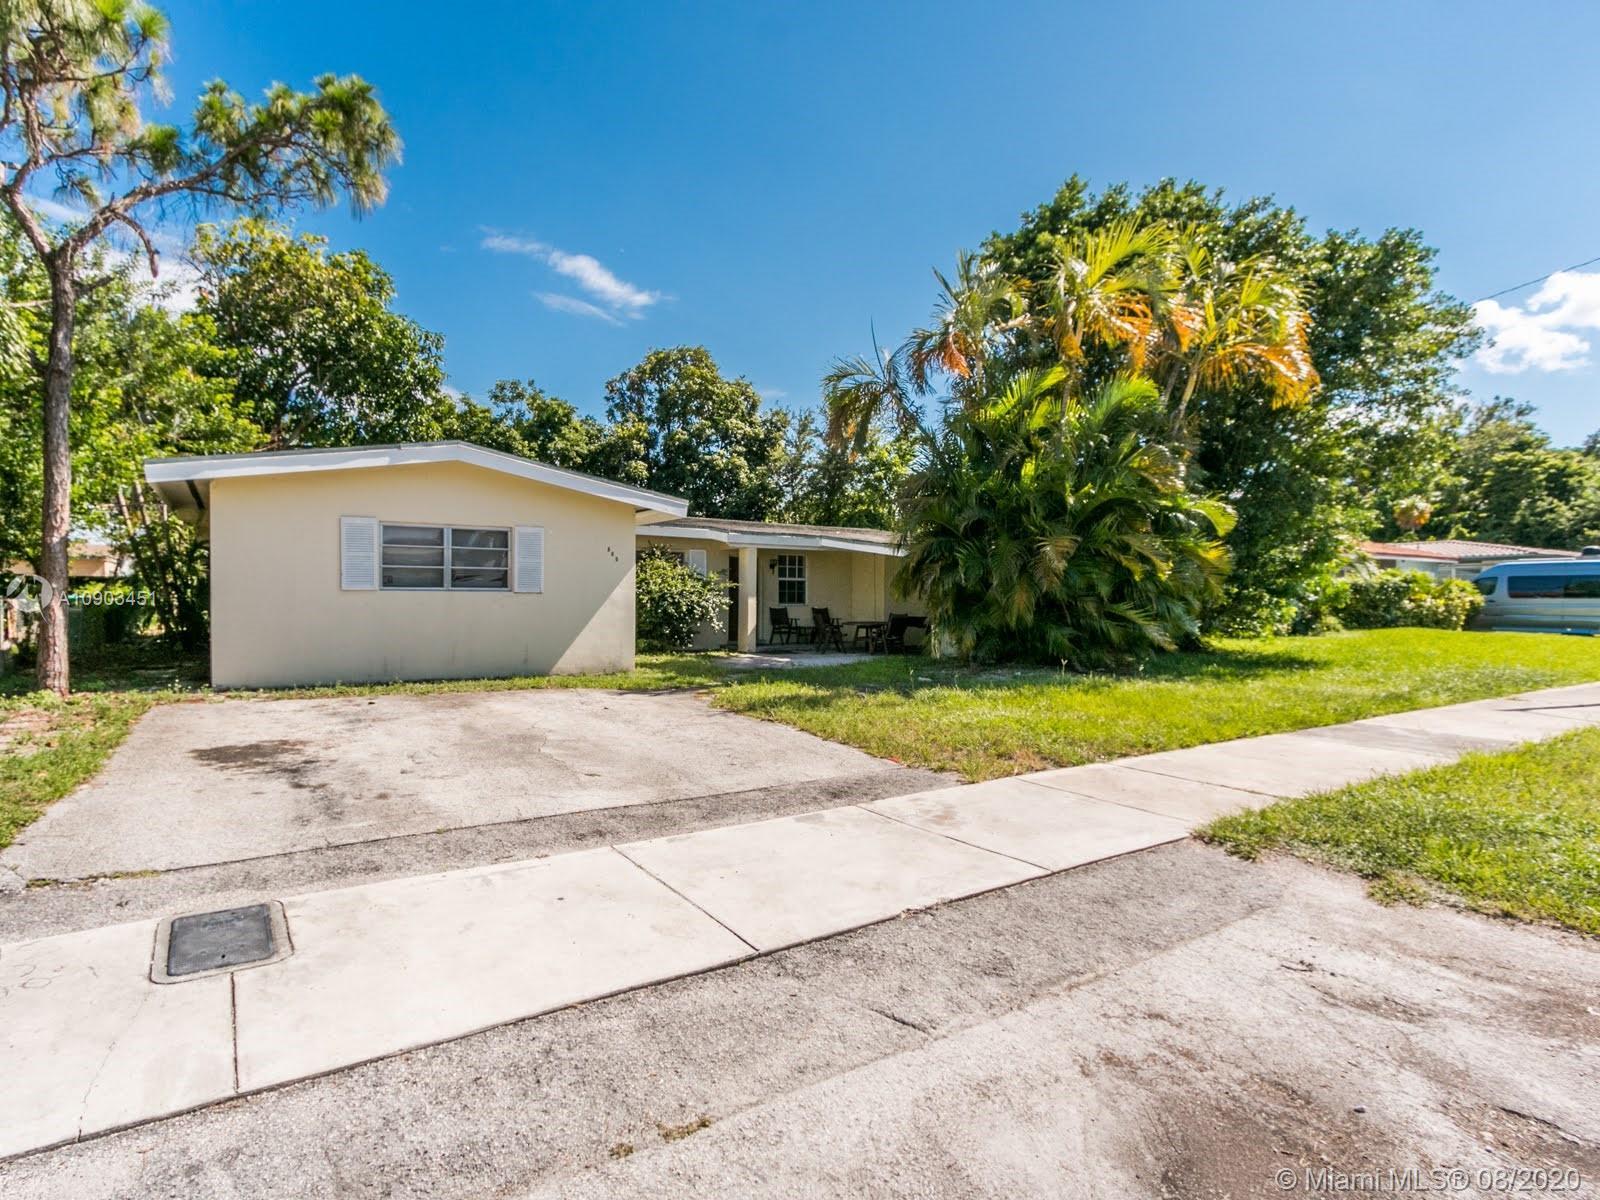 Windward - 680 NE 172nd Ter, Miami, FL 33162